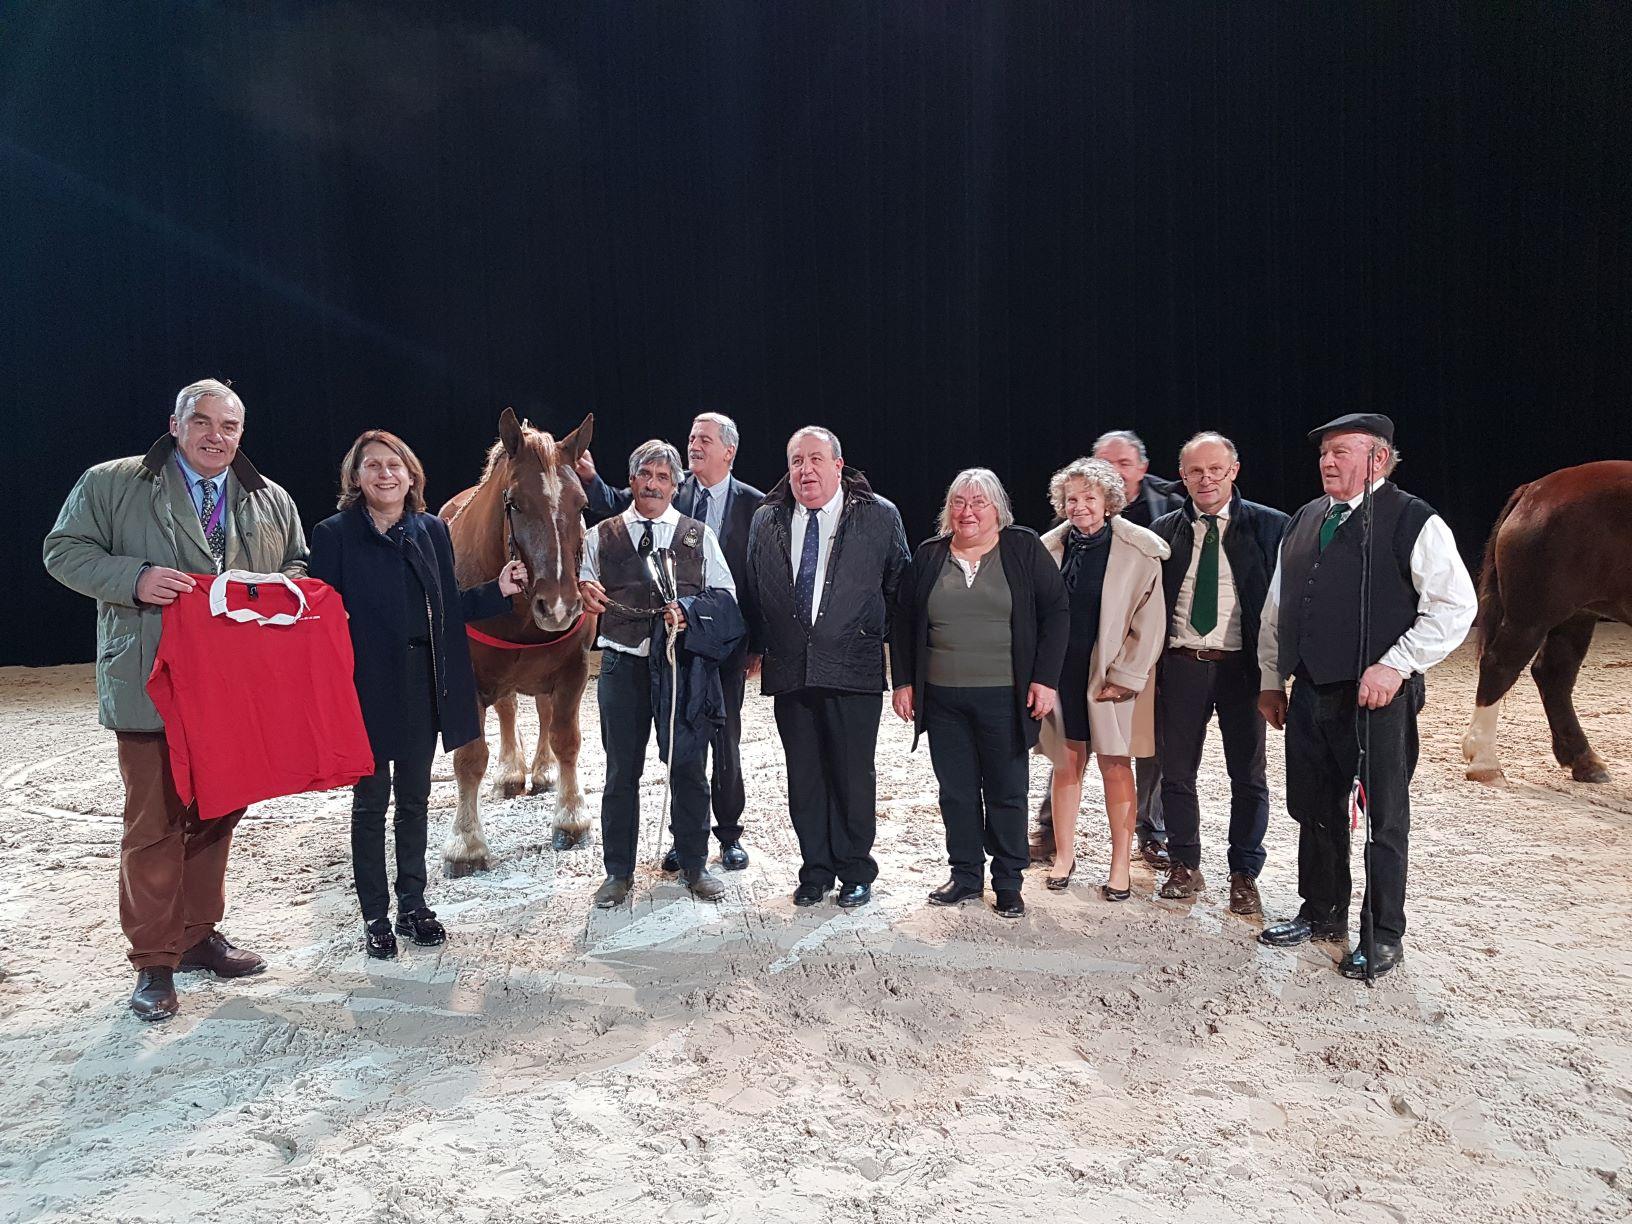 Salon du cheval d'Angers - Trophée des Pays de la Loire des chevaux de trait ligériens et stand filière